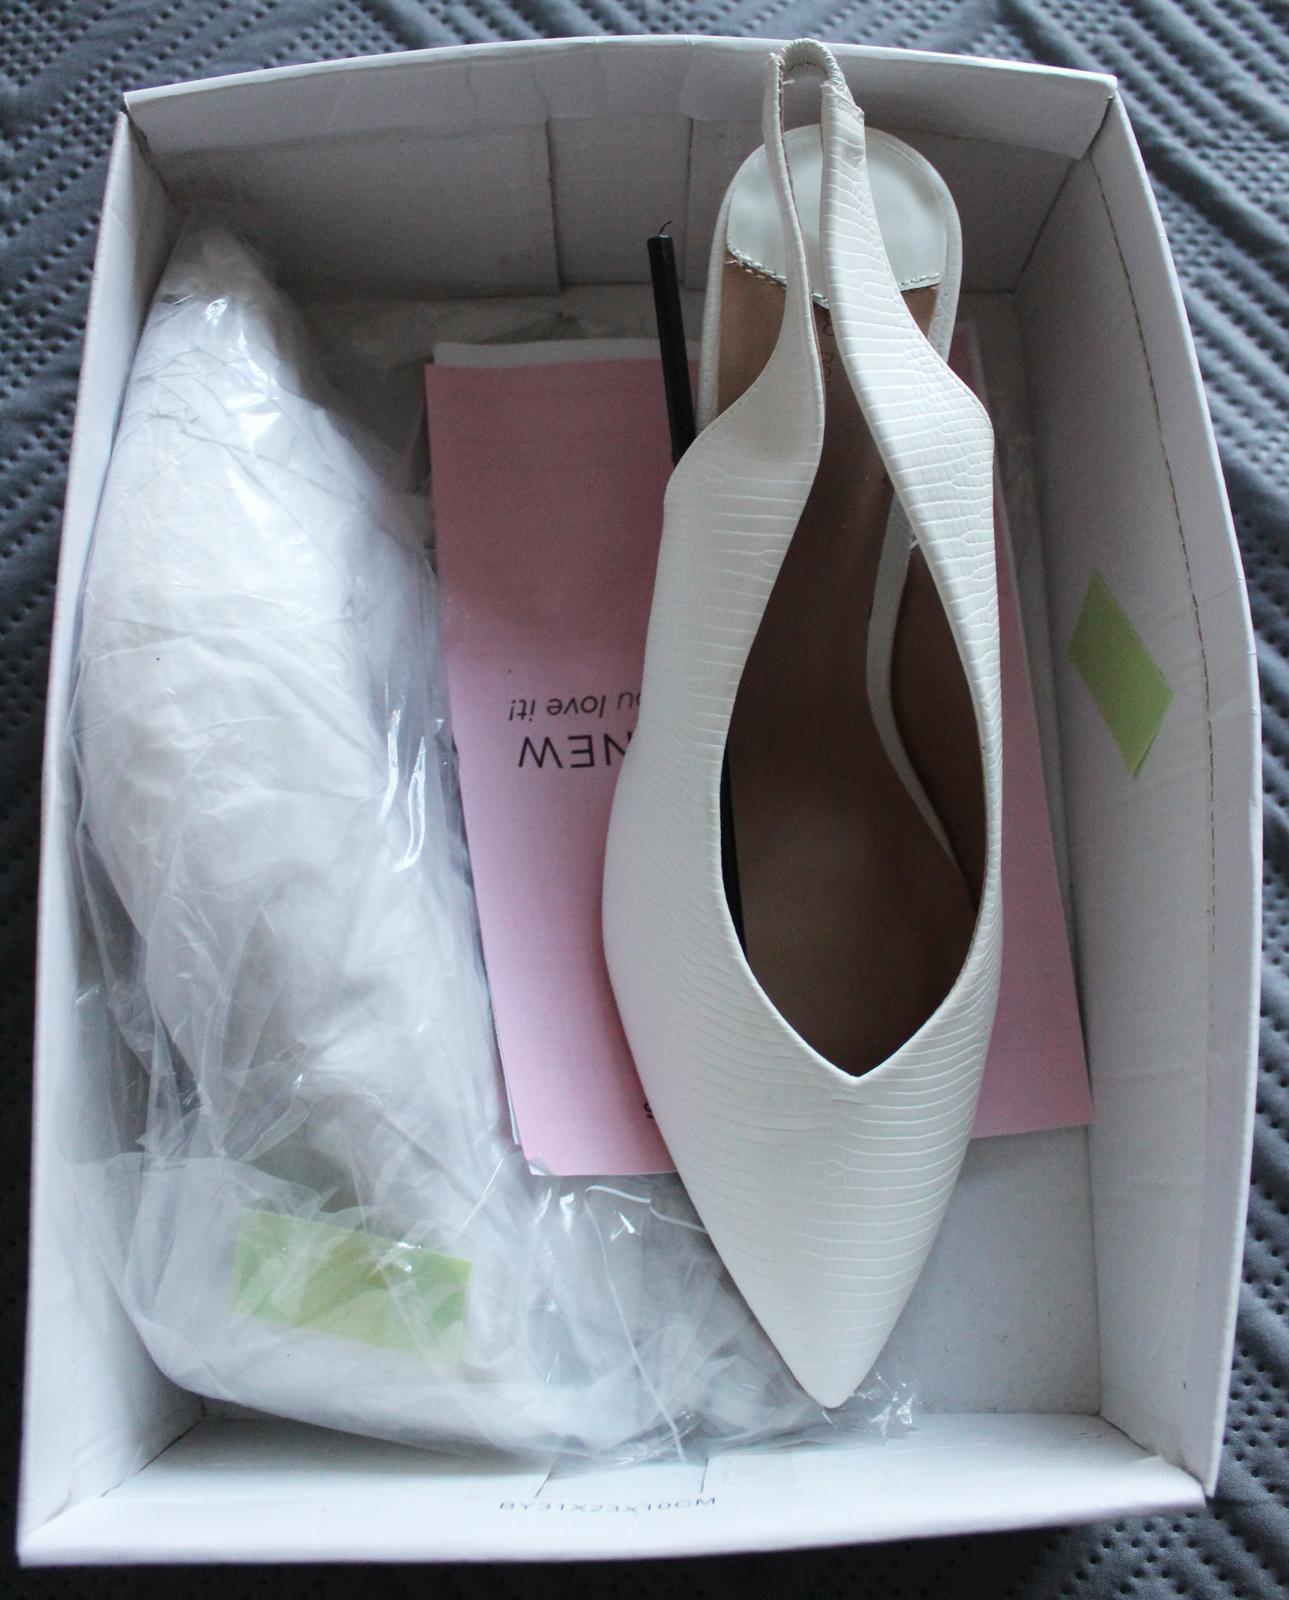 Svadobné topánky veľkosť 41-42 - Obrázok č. 1